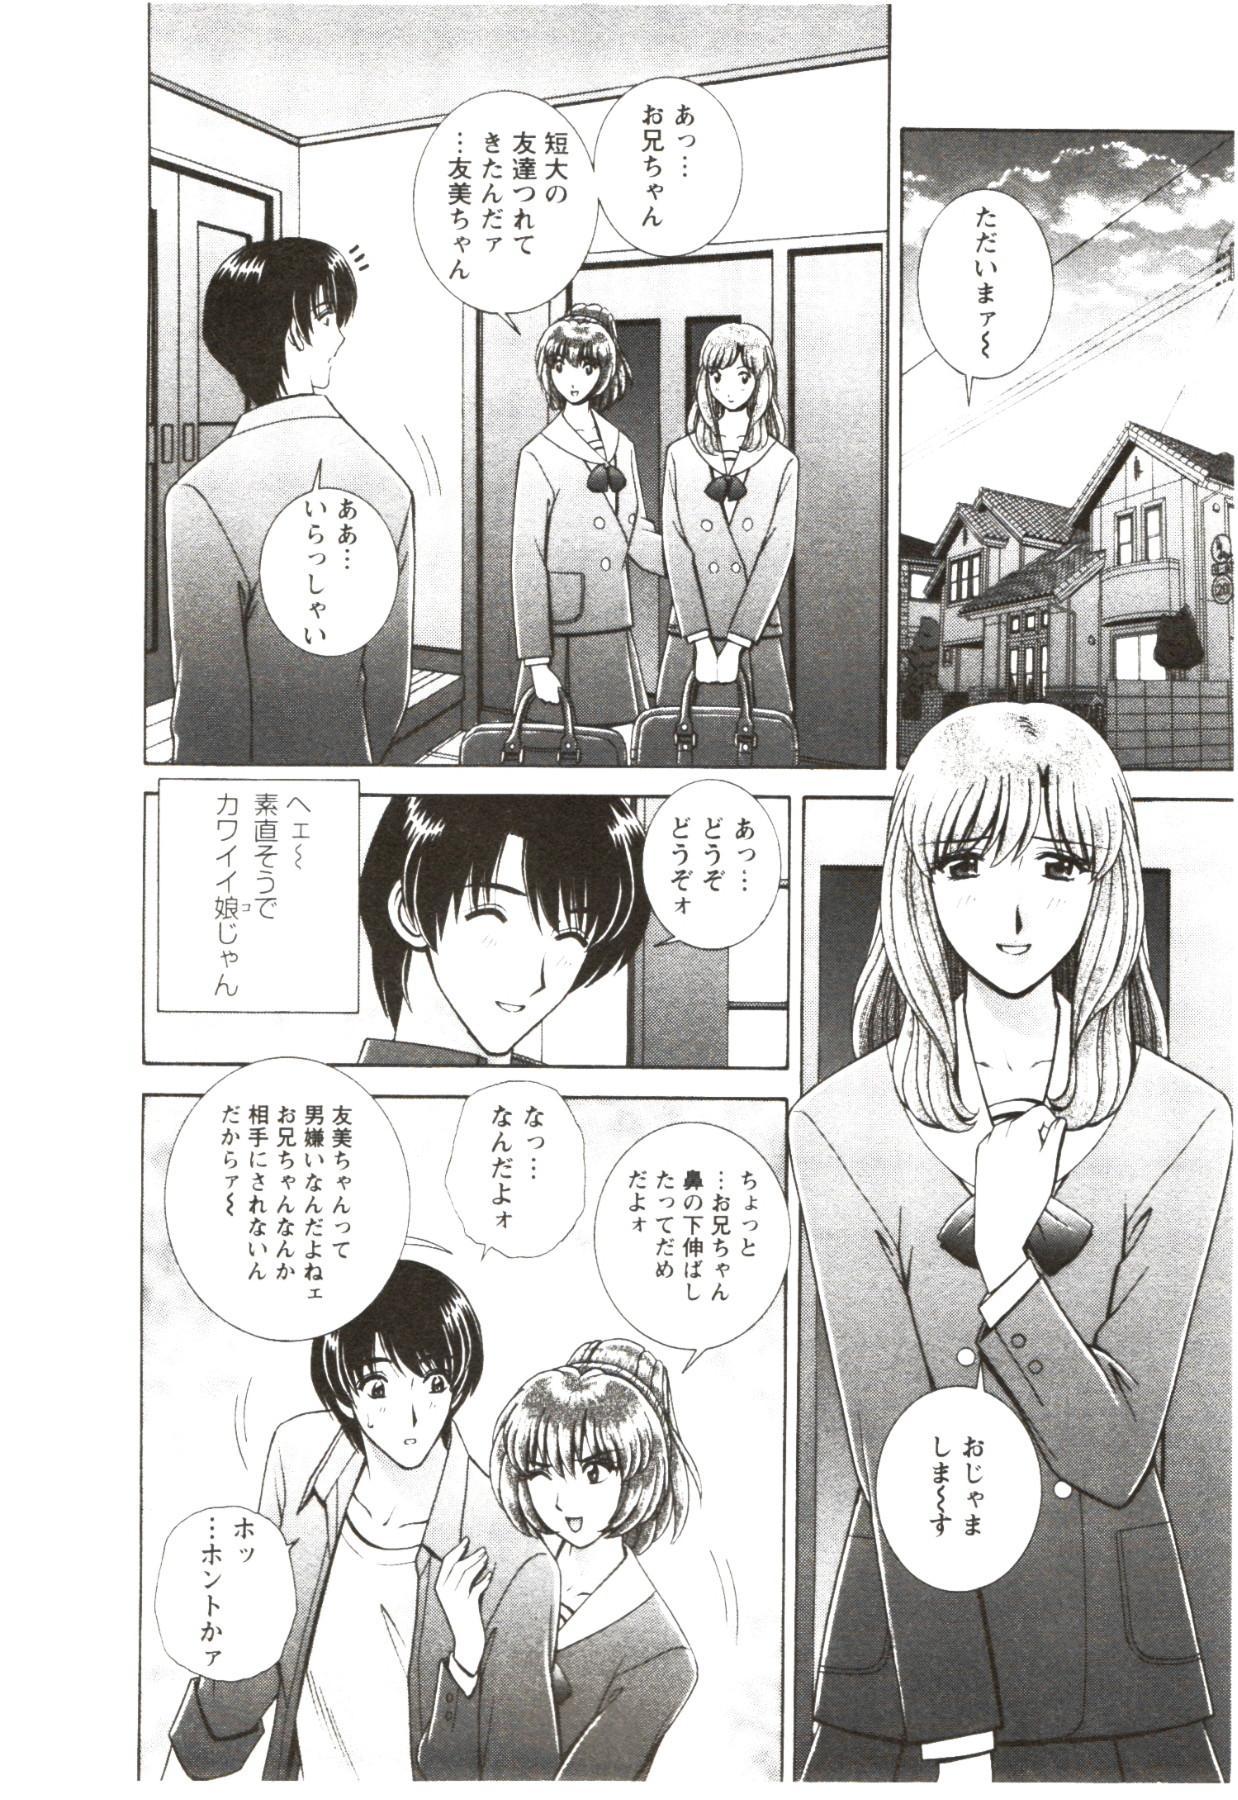 Futarigurashi 61